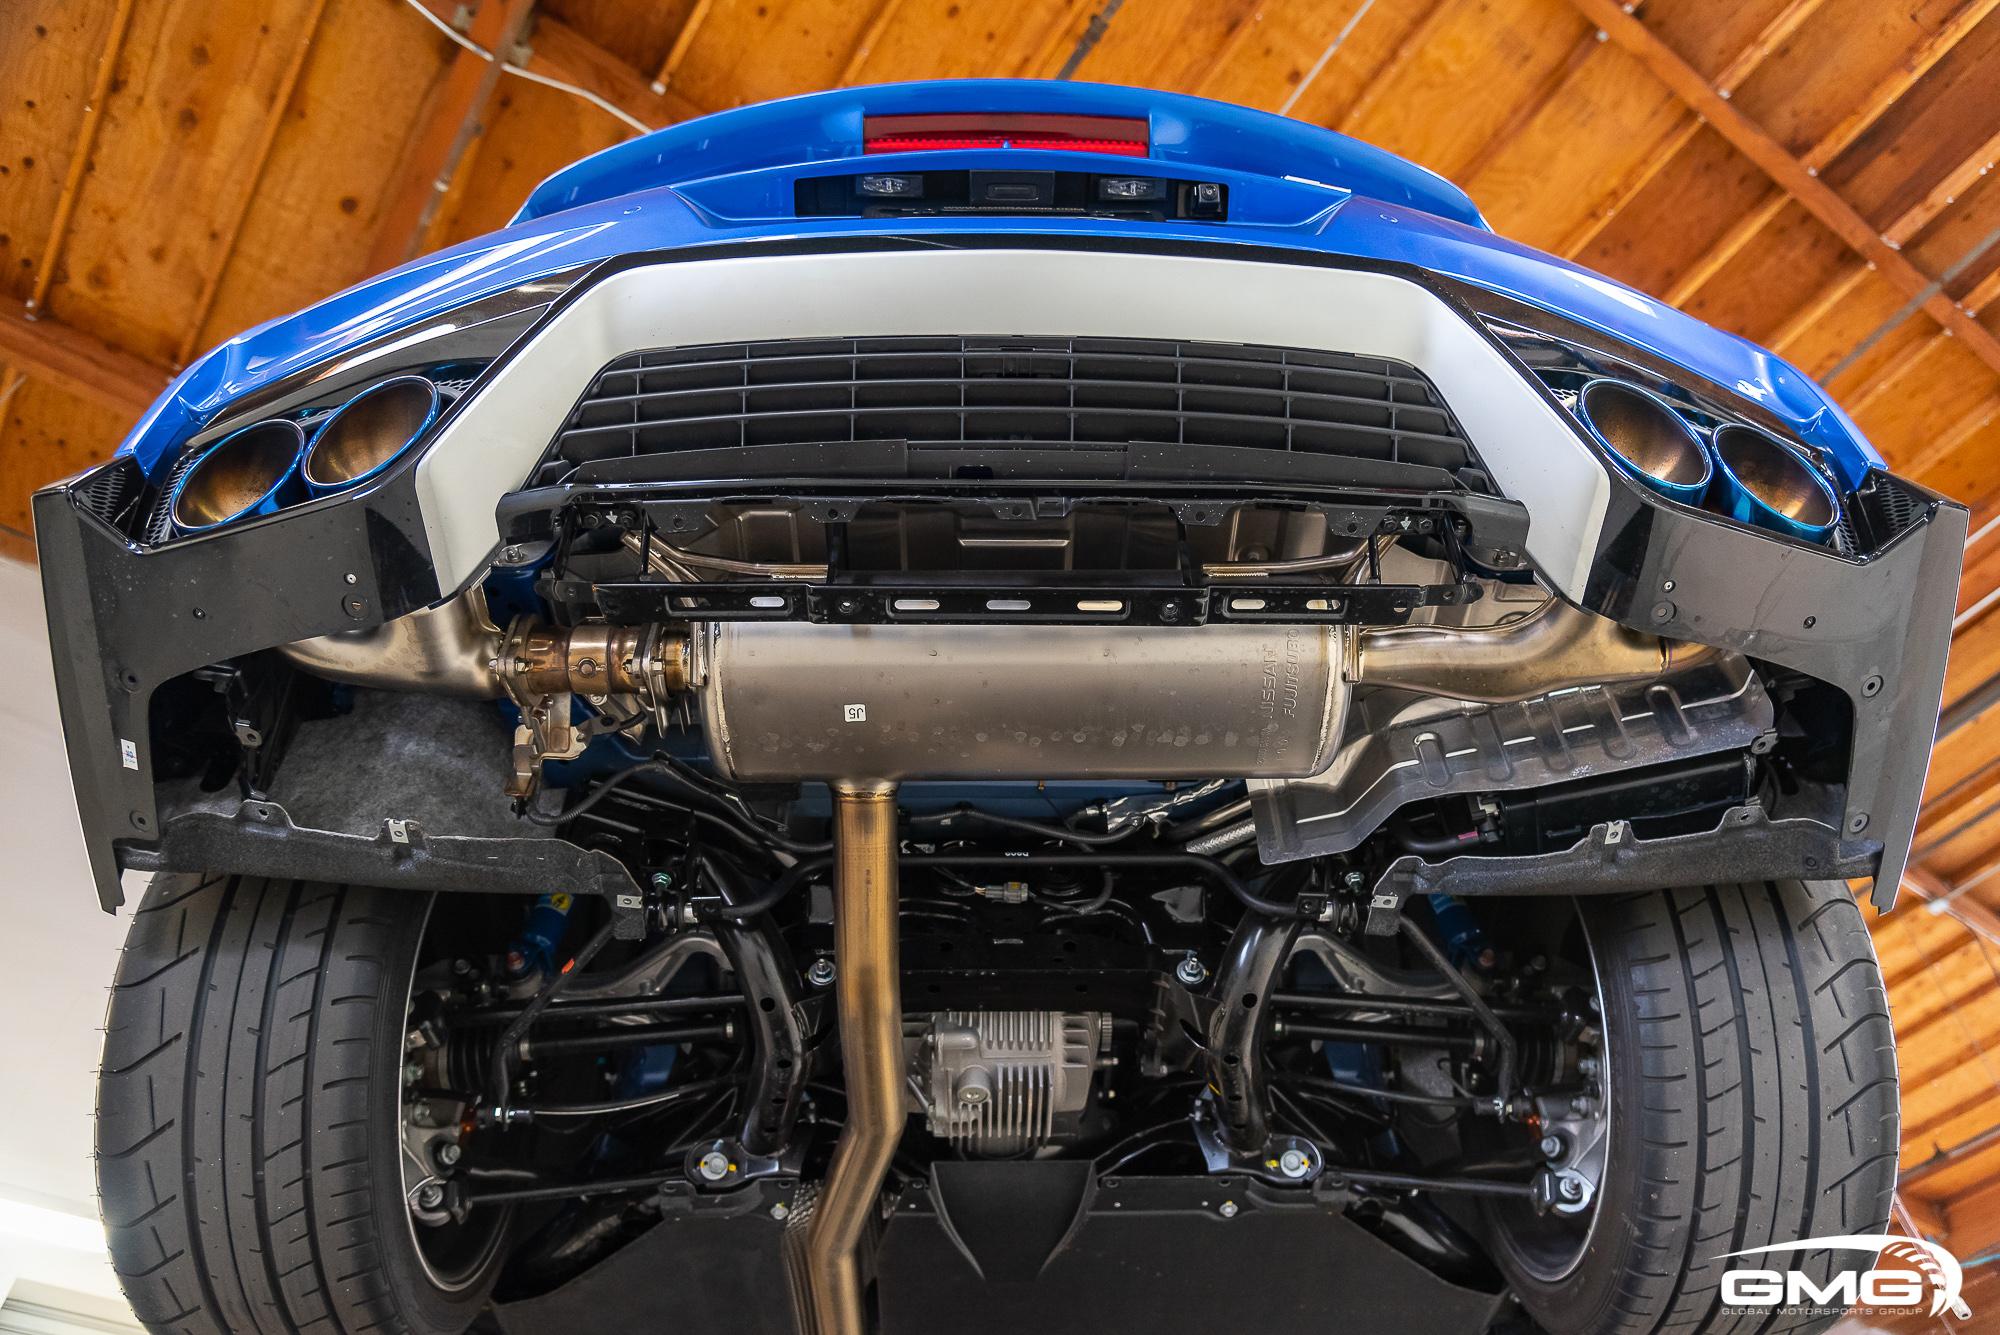 Nissan 50th Anniversary R35 GTR